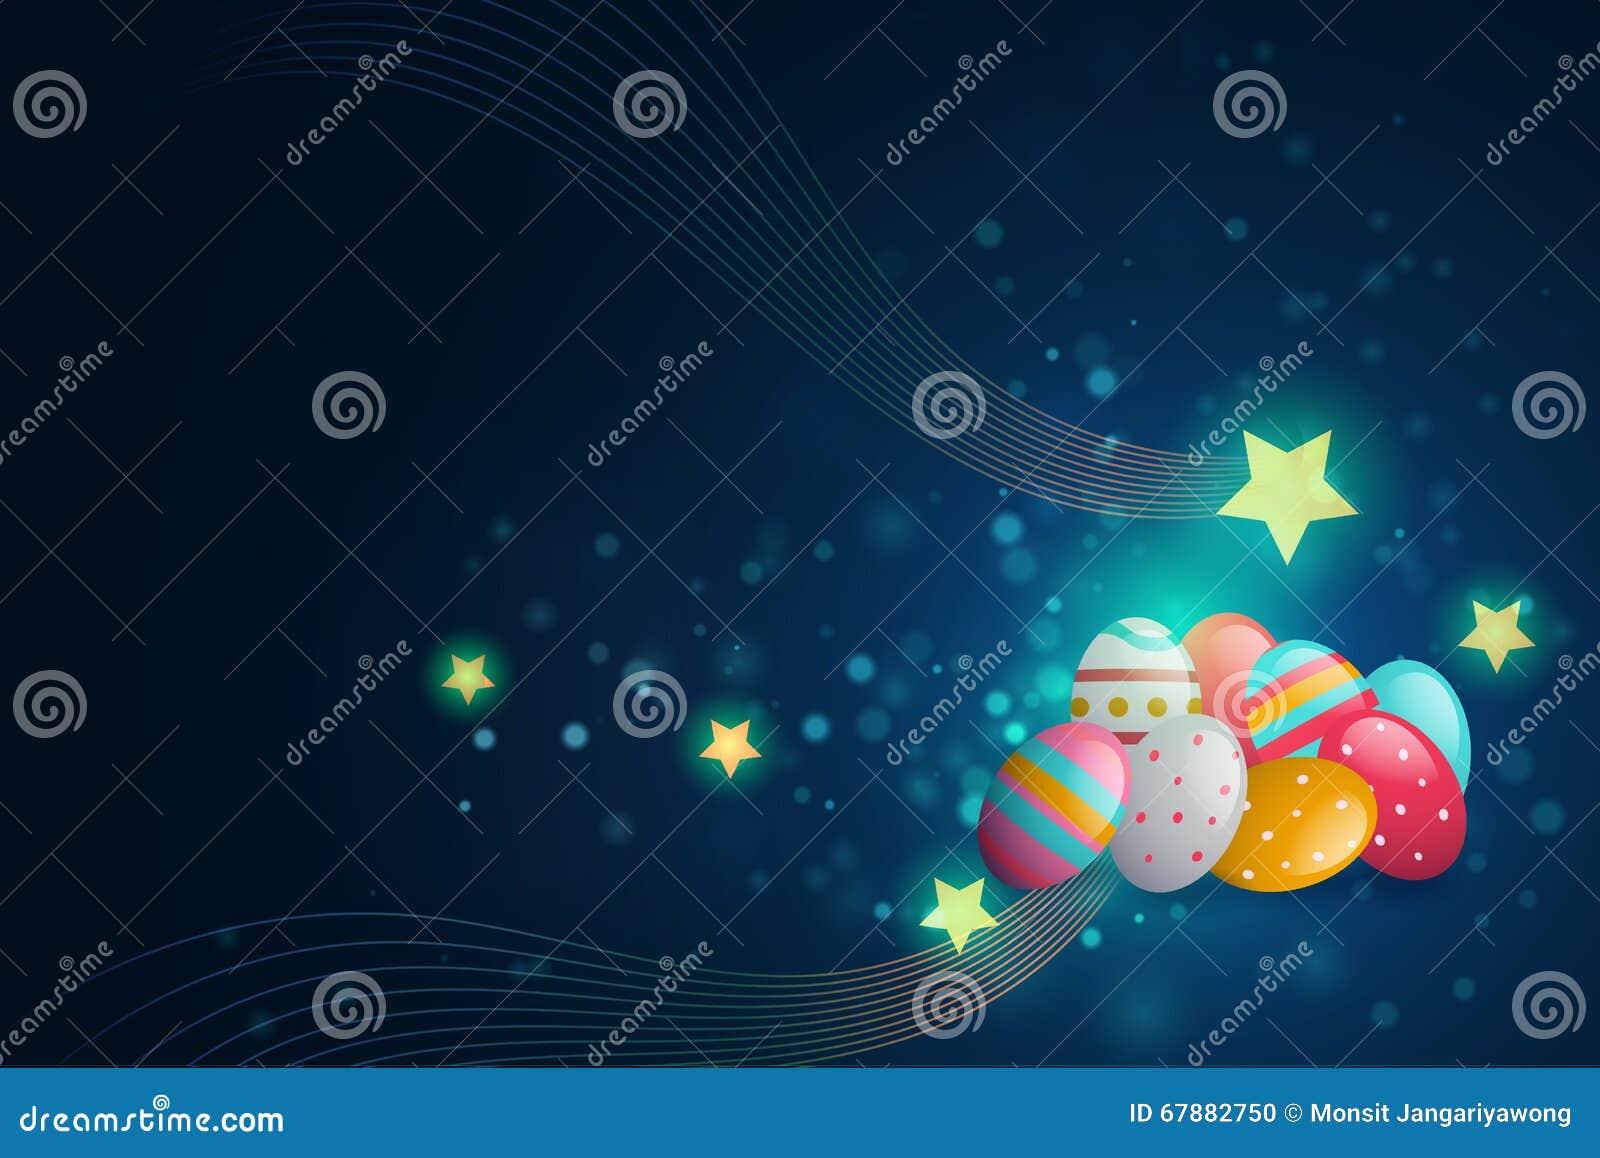 复活节彩蛋和星在深蓝背景